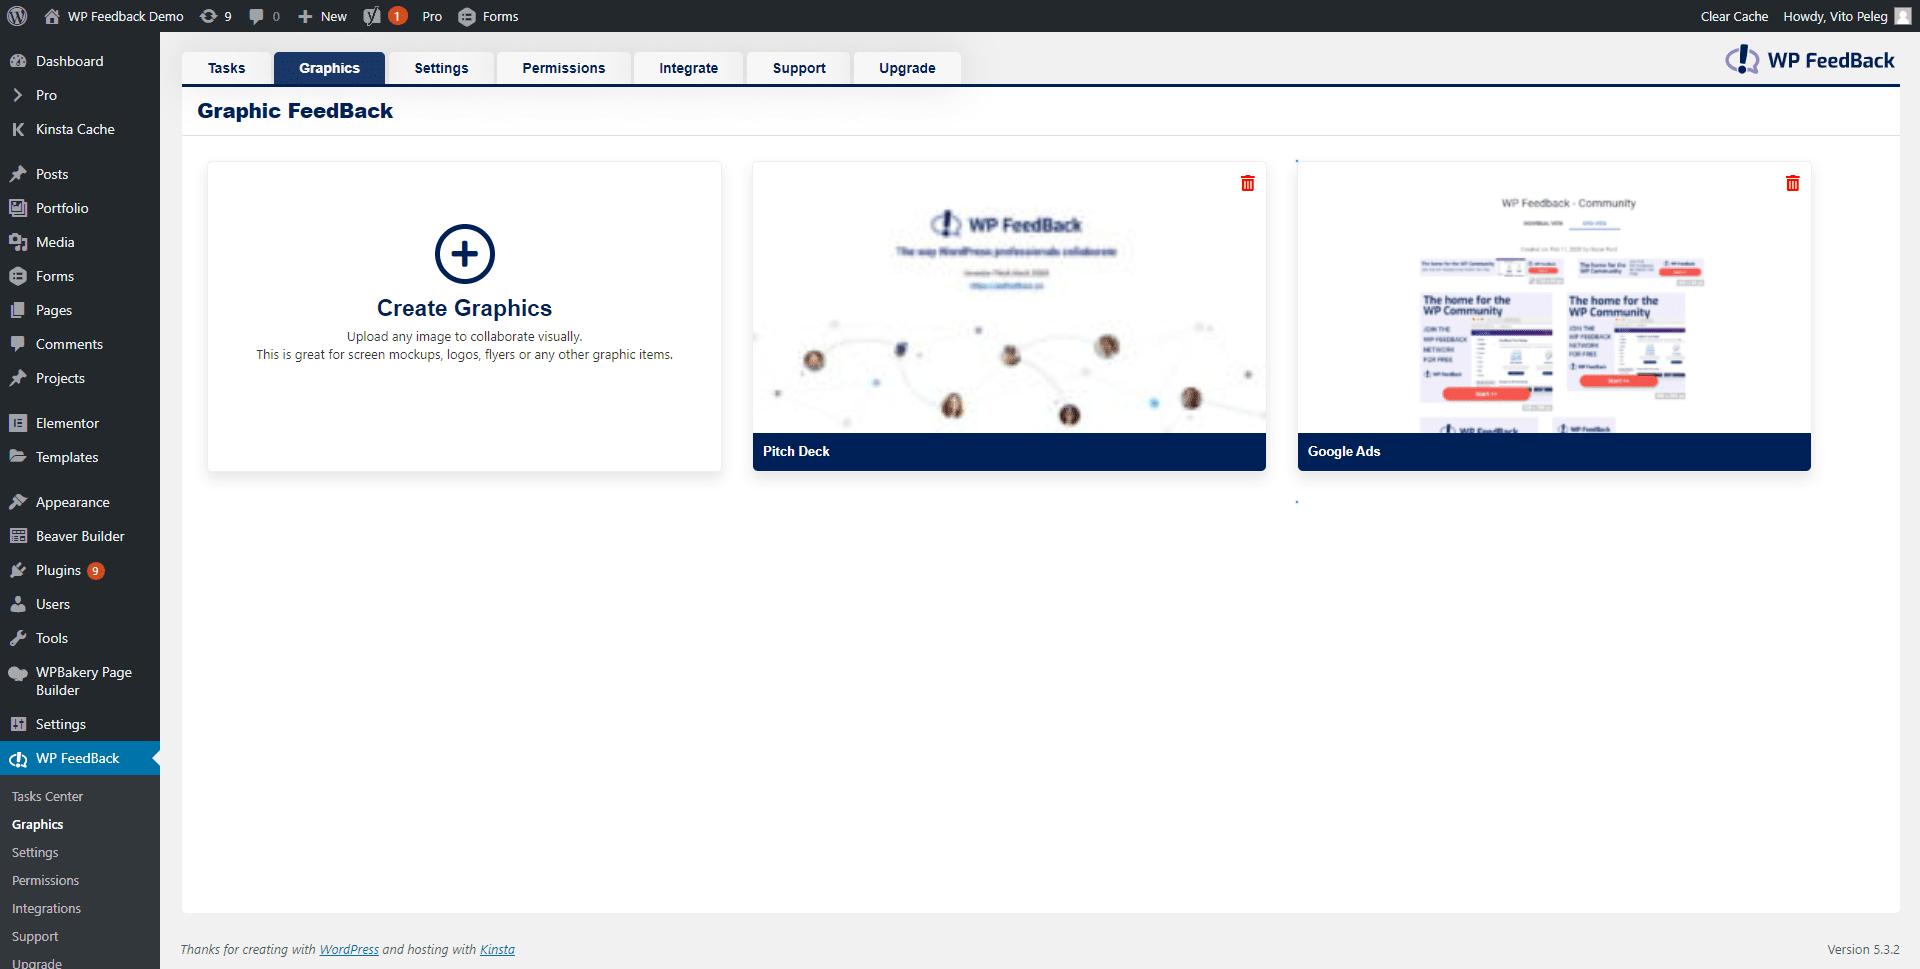 screenshot demo.wpfeedback.co 2020.02.21 14 39 07